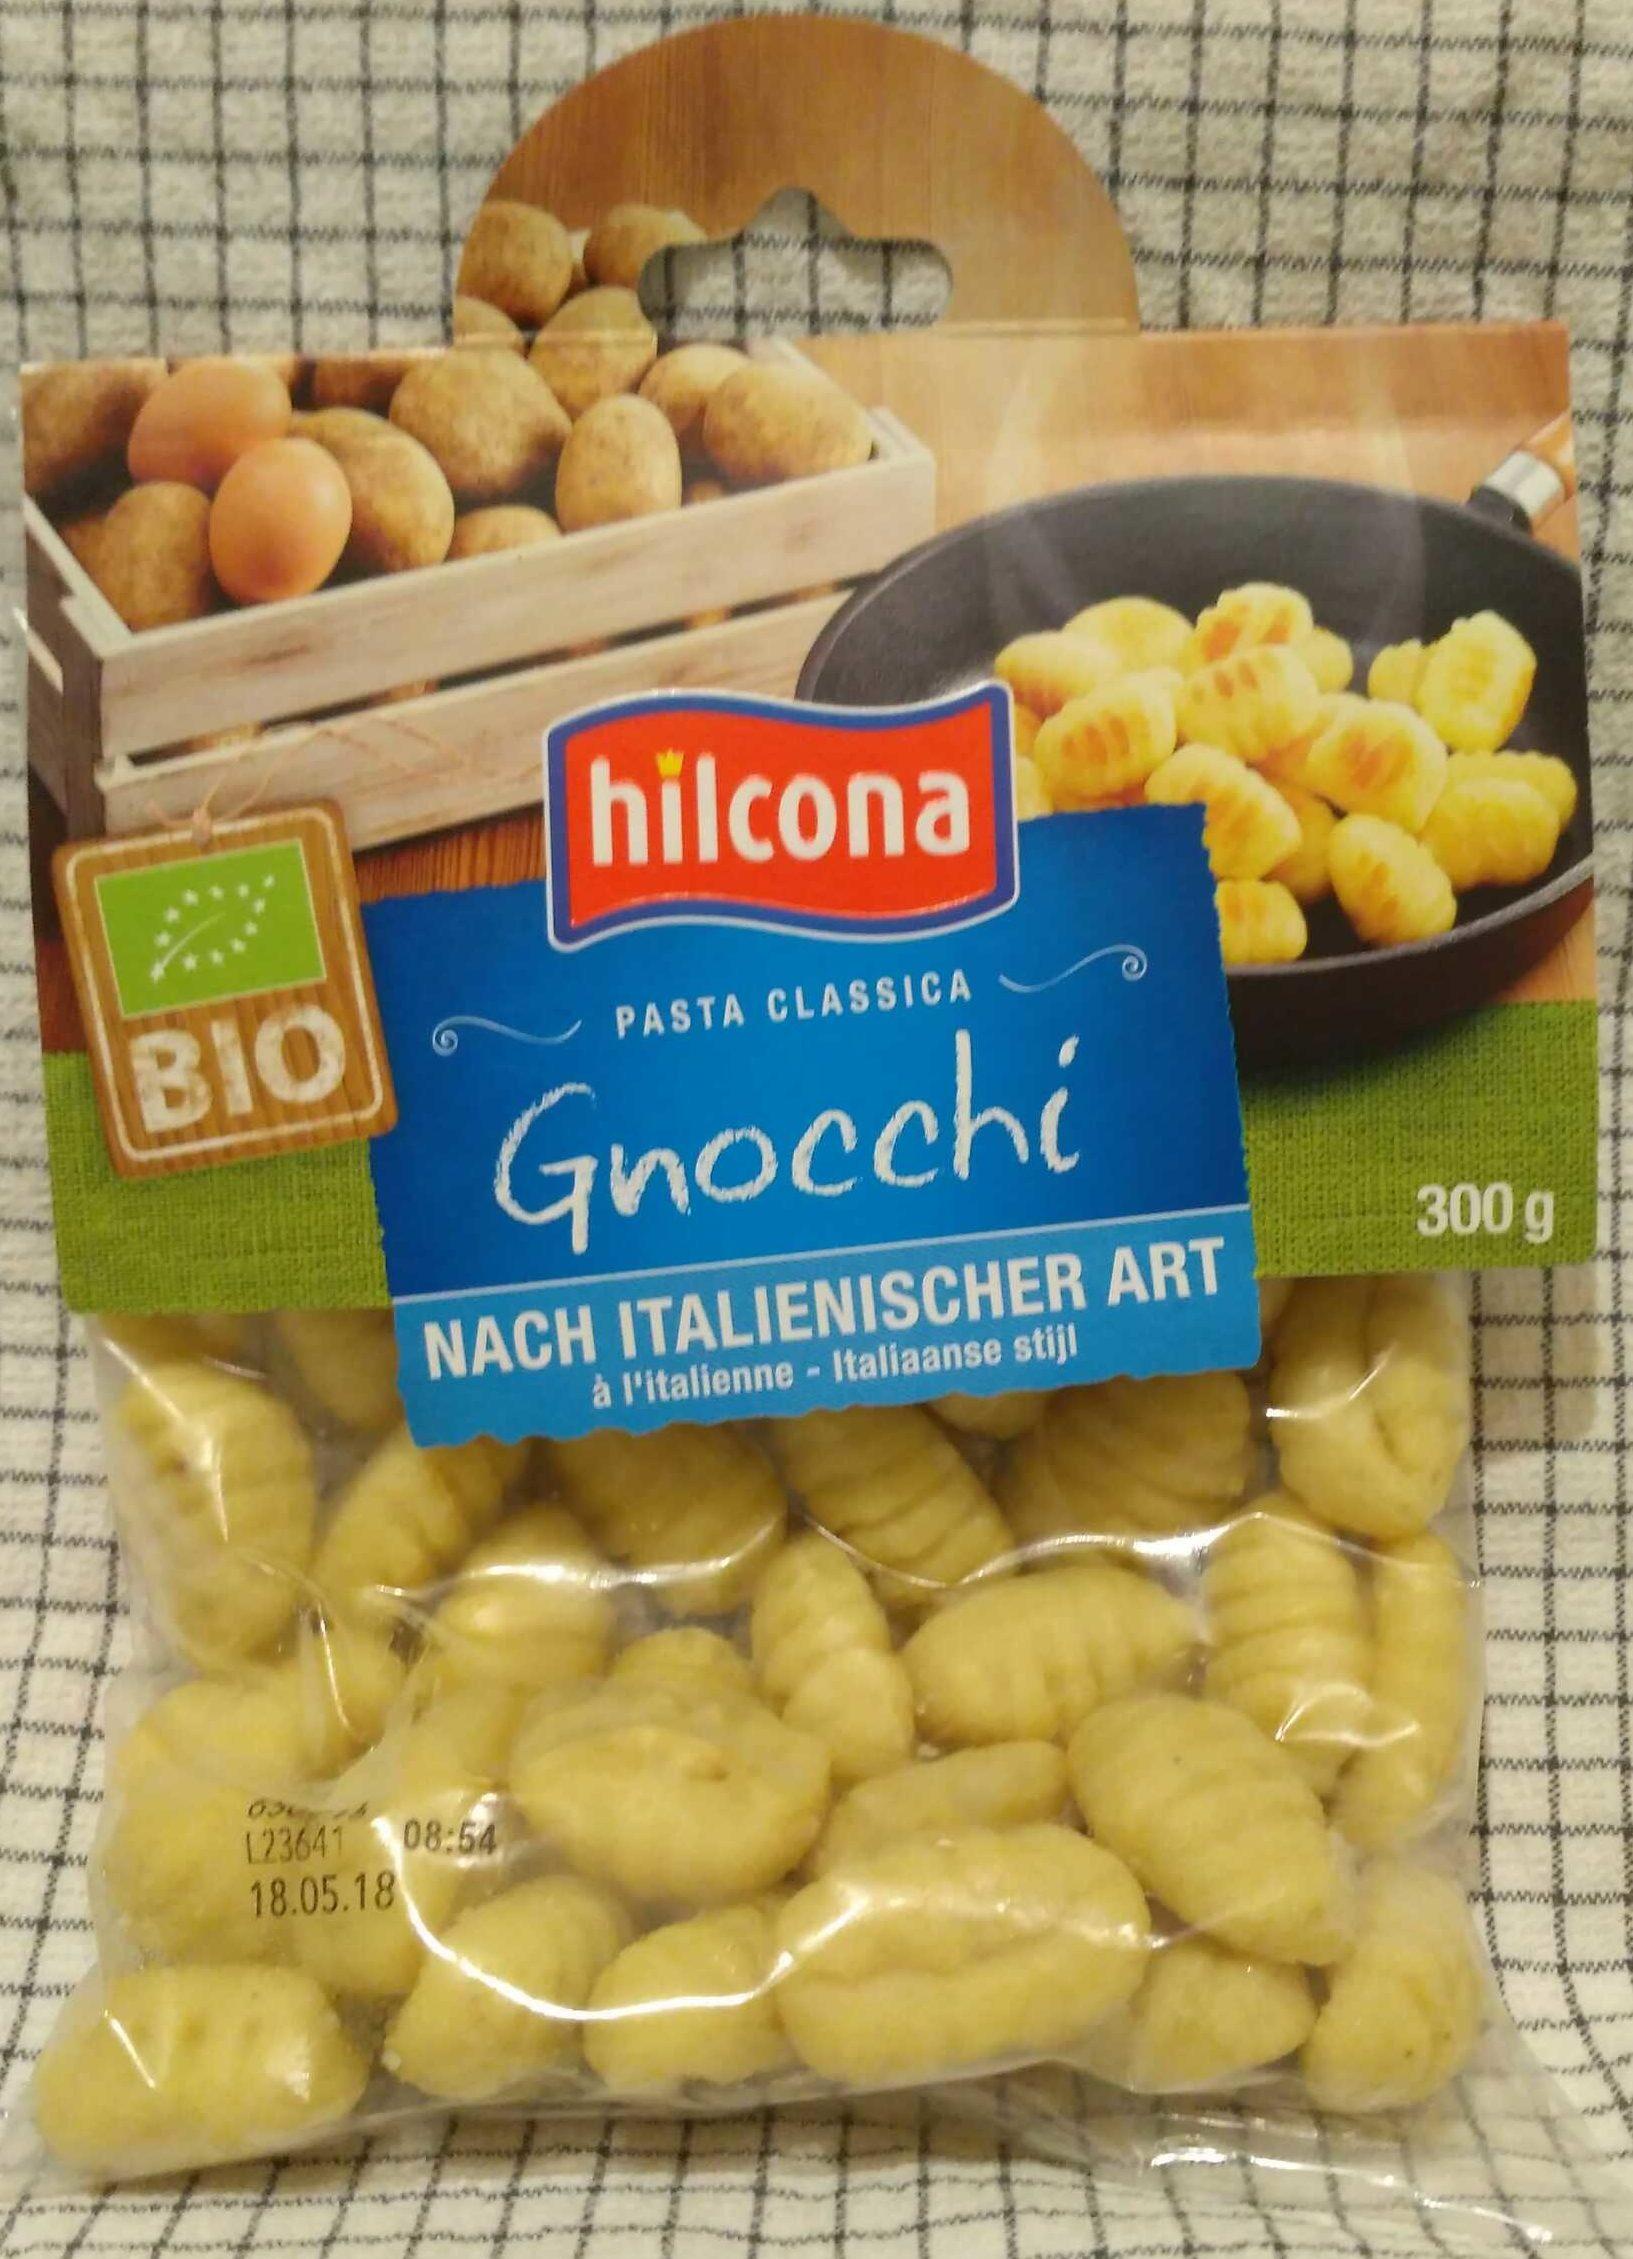 Gnocchi nach italienischer Art - Produit - de